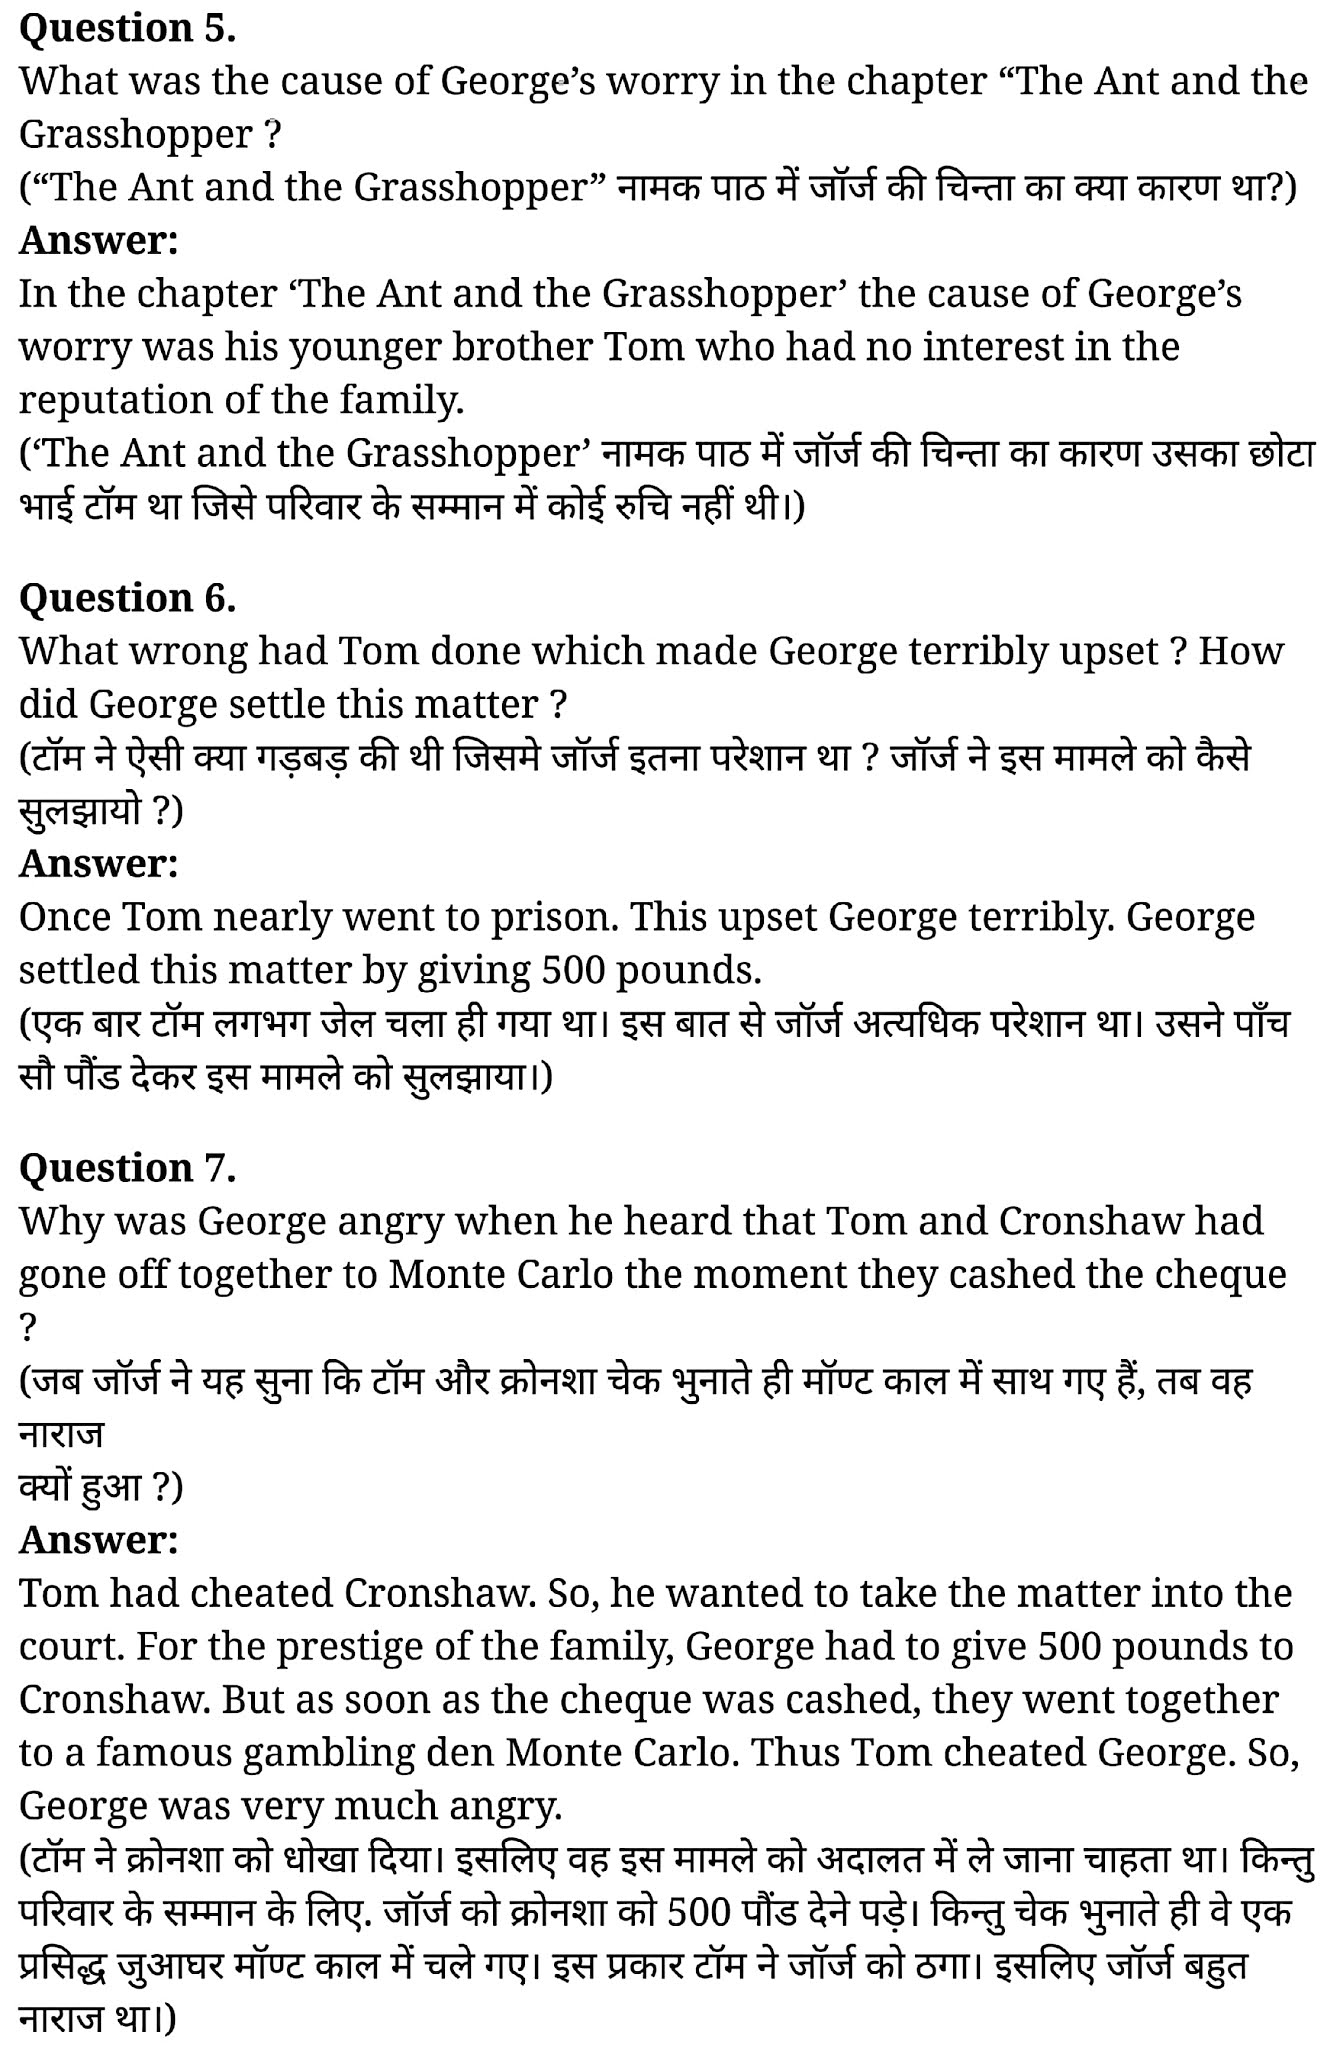 कक्षा 11 अंग्रेज़ी Prose अध्याय 3  के नोट्स हिंदी में एनसीईआरटी समाधान,   class 11 Prose chapter 3 Prose chapter 1,  class 11 Prose chapter 3 Prose chapter 3 ncert solutions in hindi,  class 11 Prose chapter 3 Prose chapter 3 notes in hindi,  class 11 Prose chapter 3 Prose chapter 3 question answer,  class 11 Prose chapter 3 Prose chapter 3 notes,  11   class Prose chapter 3 Prose chapter 3 in hindi,  class 11 Prose chapter 3 Prose chapter 3 in hindi,  class 11 Prose chapter 3 Prose chapter 3 important questions in hindi,  class 11 Prose chapter 3 notes in hindi,  class 11 Prose chapter 3 Prose chapter 3 test,  class 11 Prose chapter 1Prose chapter 3 pdf,  class 11 Prose chapter 3 Prose chapter 3 notes pdf,  class 11 Prose chapter 3 Prose chapter 3 exercise solutions,  class 11 Prose chapter 3 Prose chapter 1, class 11 Prose chapter 3 Prose chapter 3 notes study rankers,  class 11 Prose chapter 3 Prose chapter 3 notes,  class 11 Prose chapter 3 notes,   Prose chapter 3  class 11  notes pdf,  Prose chapter 3 class 11  notes 2021 ncert,   Prose chapter 3 class 11 pdf,    Prose chapter 3  book,     Prose chapter 3 quiz class 11  ,       11  th Prose chapter 3    book up board,       up board 11  th Prose chapter 3 notes,  कक्षा 11 अंग्रेज़ी Prose अध्याय 3 , कक्षा 11 अंग्रेज़ी का Prose अध्याय 3  ncert solution in hindi, कक्षा 11 अंग्रेज़ी के Prose अध्याय 3  के नोट्स हिंदी में, कक्षा 11 का अंग्रेज़ीProse अध्याय 3 का प्रश्न उत्तर, कक्षा 11 अंग्रेज़ी Prose अध्याय 3 के नोट्स, 11 कक्षा अंग्रेज़ी Prose अध्याय 3   हिंदी में,कक्षा 11 अंग्रेज़ी Prose अध्याय 3  हिंदी में, कक्षा 11 अंग्रेज़ी Prose अध्याय 3  महत्वपूर्ण प्रश्न हिंदी में,कक्षा 11 के अंग्रेज़ी के नोट्स हिंदी में,अंग्रेज़ी कक्षा 11 नोट्स pdf,  अंग्रेज़ी  कक्षा 11 नोट्स 2021 ncert,  अंग्रेज़ी  कक्षा 11 pdf,  अंग्रेज़ी  पुस्तक,  अंग्रेज़ी की बुक,  अंग्रेज़ी  प्रश्नोत्तरी class 11  , 11   वीं अंग्रेज़ी  पुस्तक up board,  बिहार बोर्ड 11  पुस्तक वीं अंग्रेज़ी नोट्स,    11th Prose chapter 1   book in hindi,11  th Prose chapt